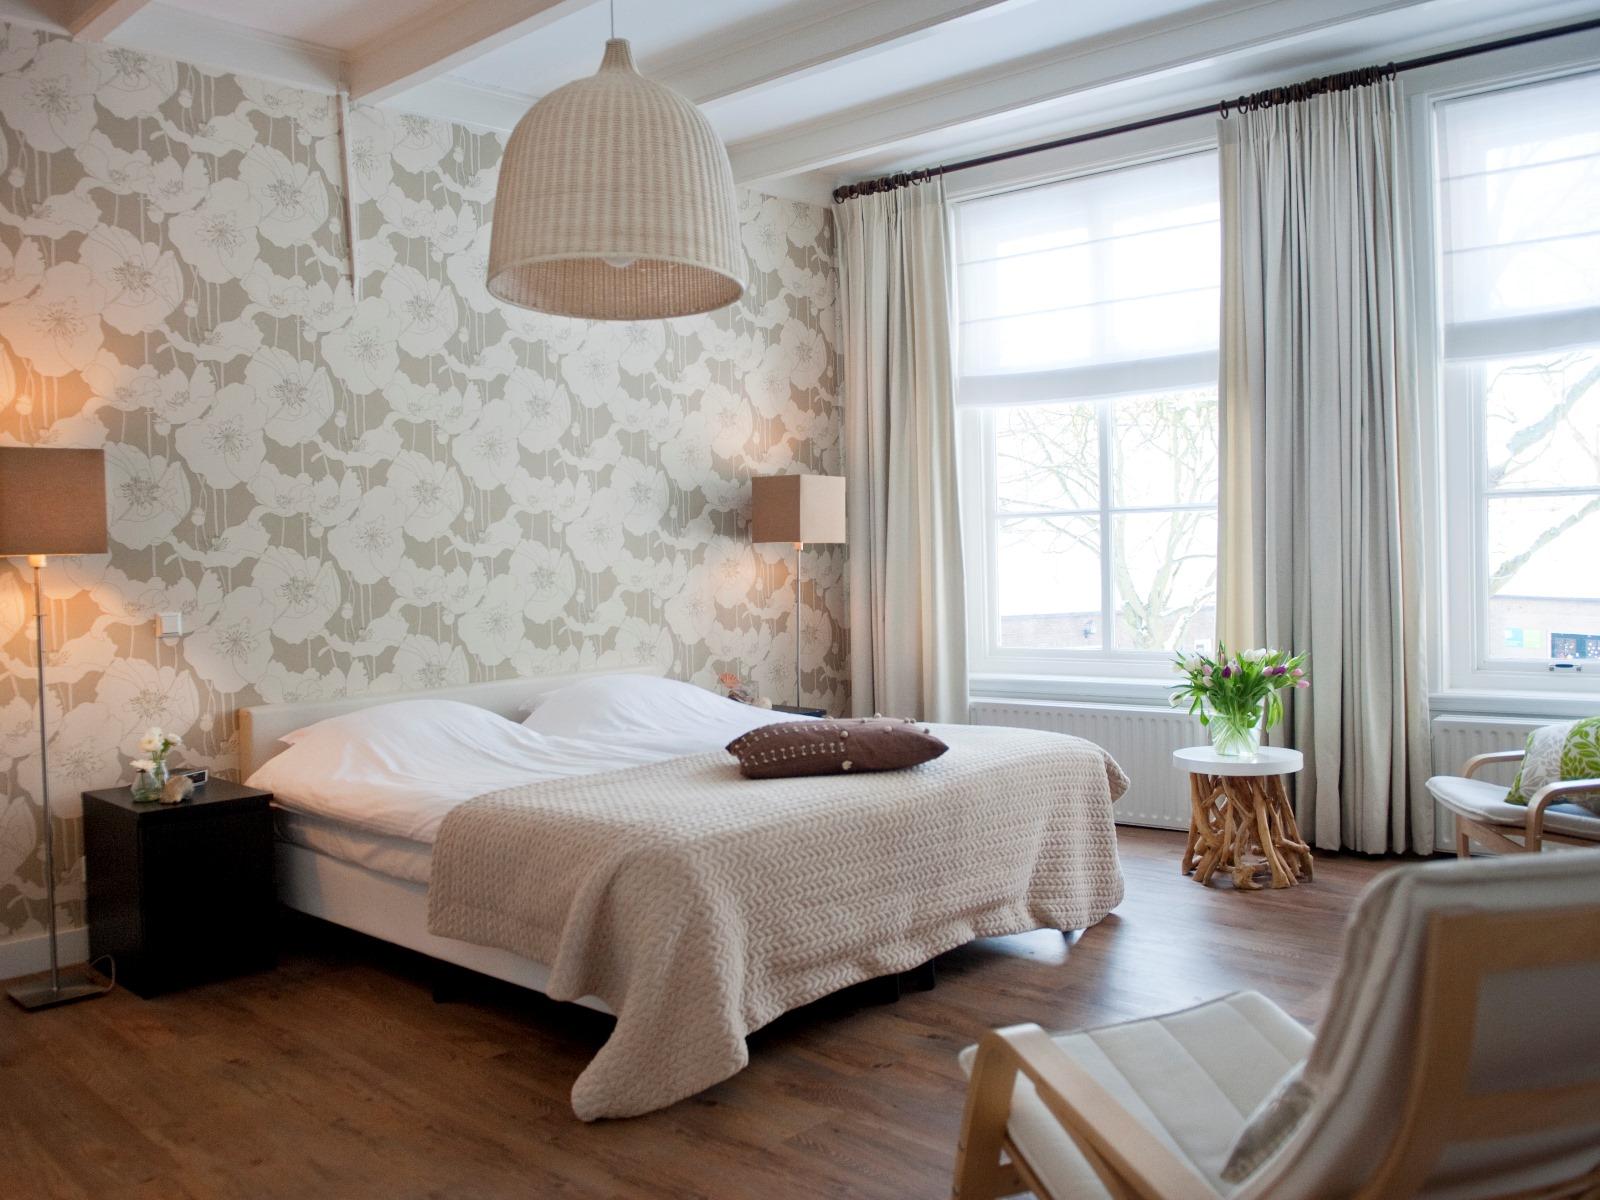 Bed brood veere in veere aanbiedingen hotel specials